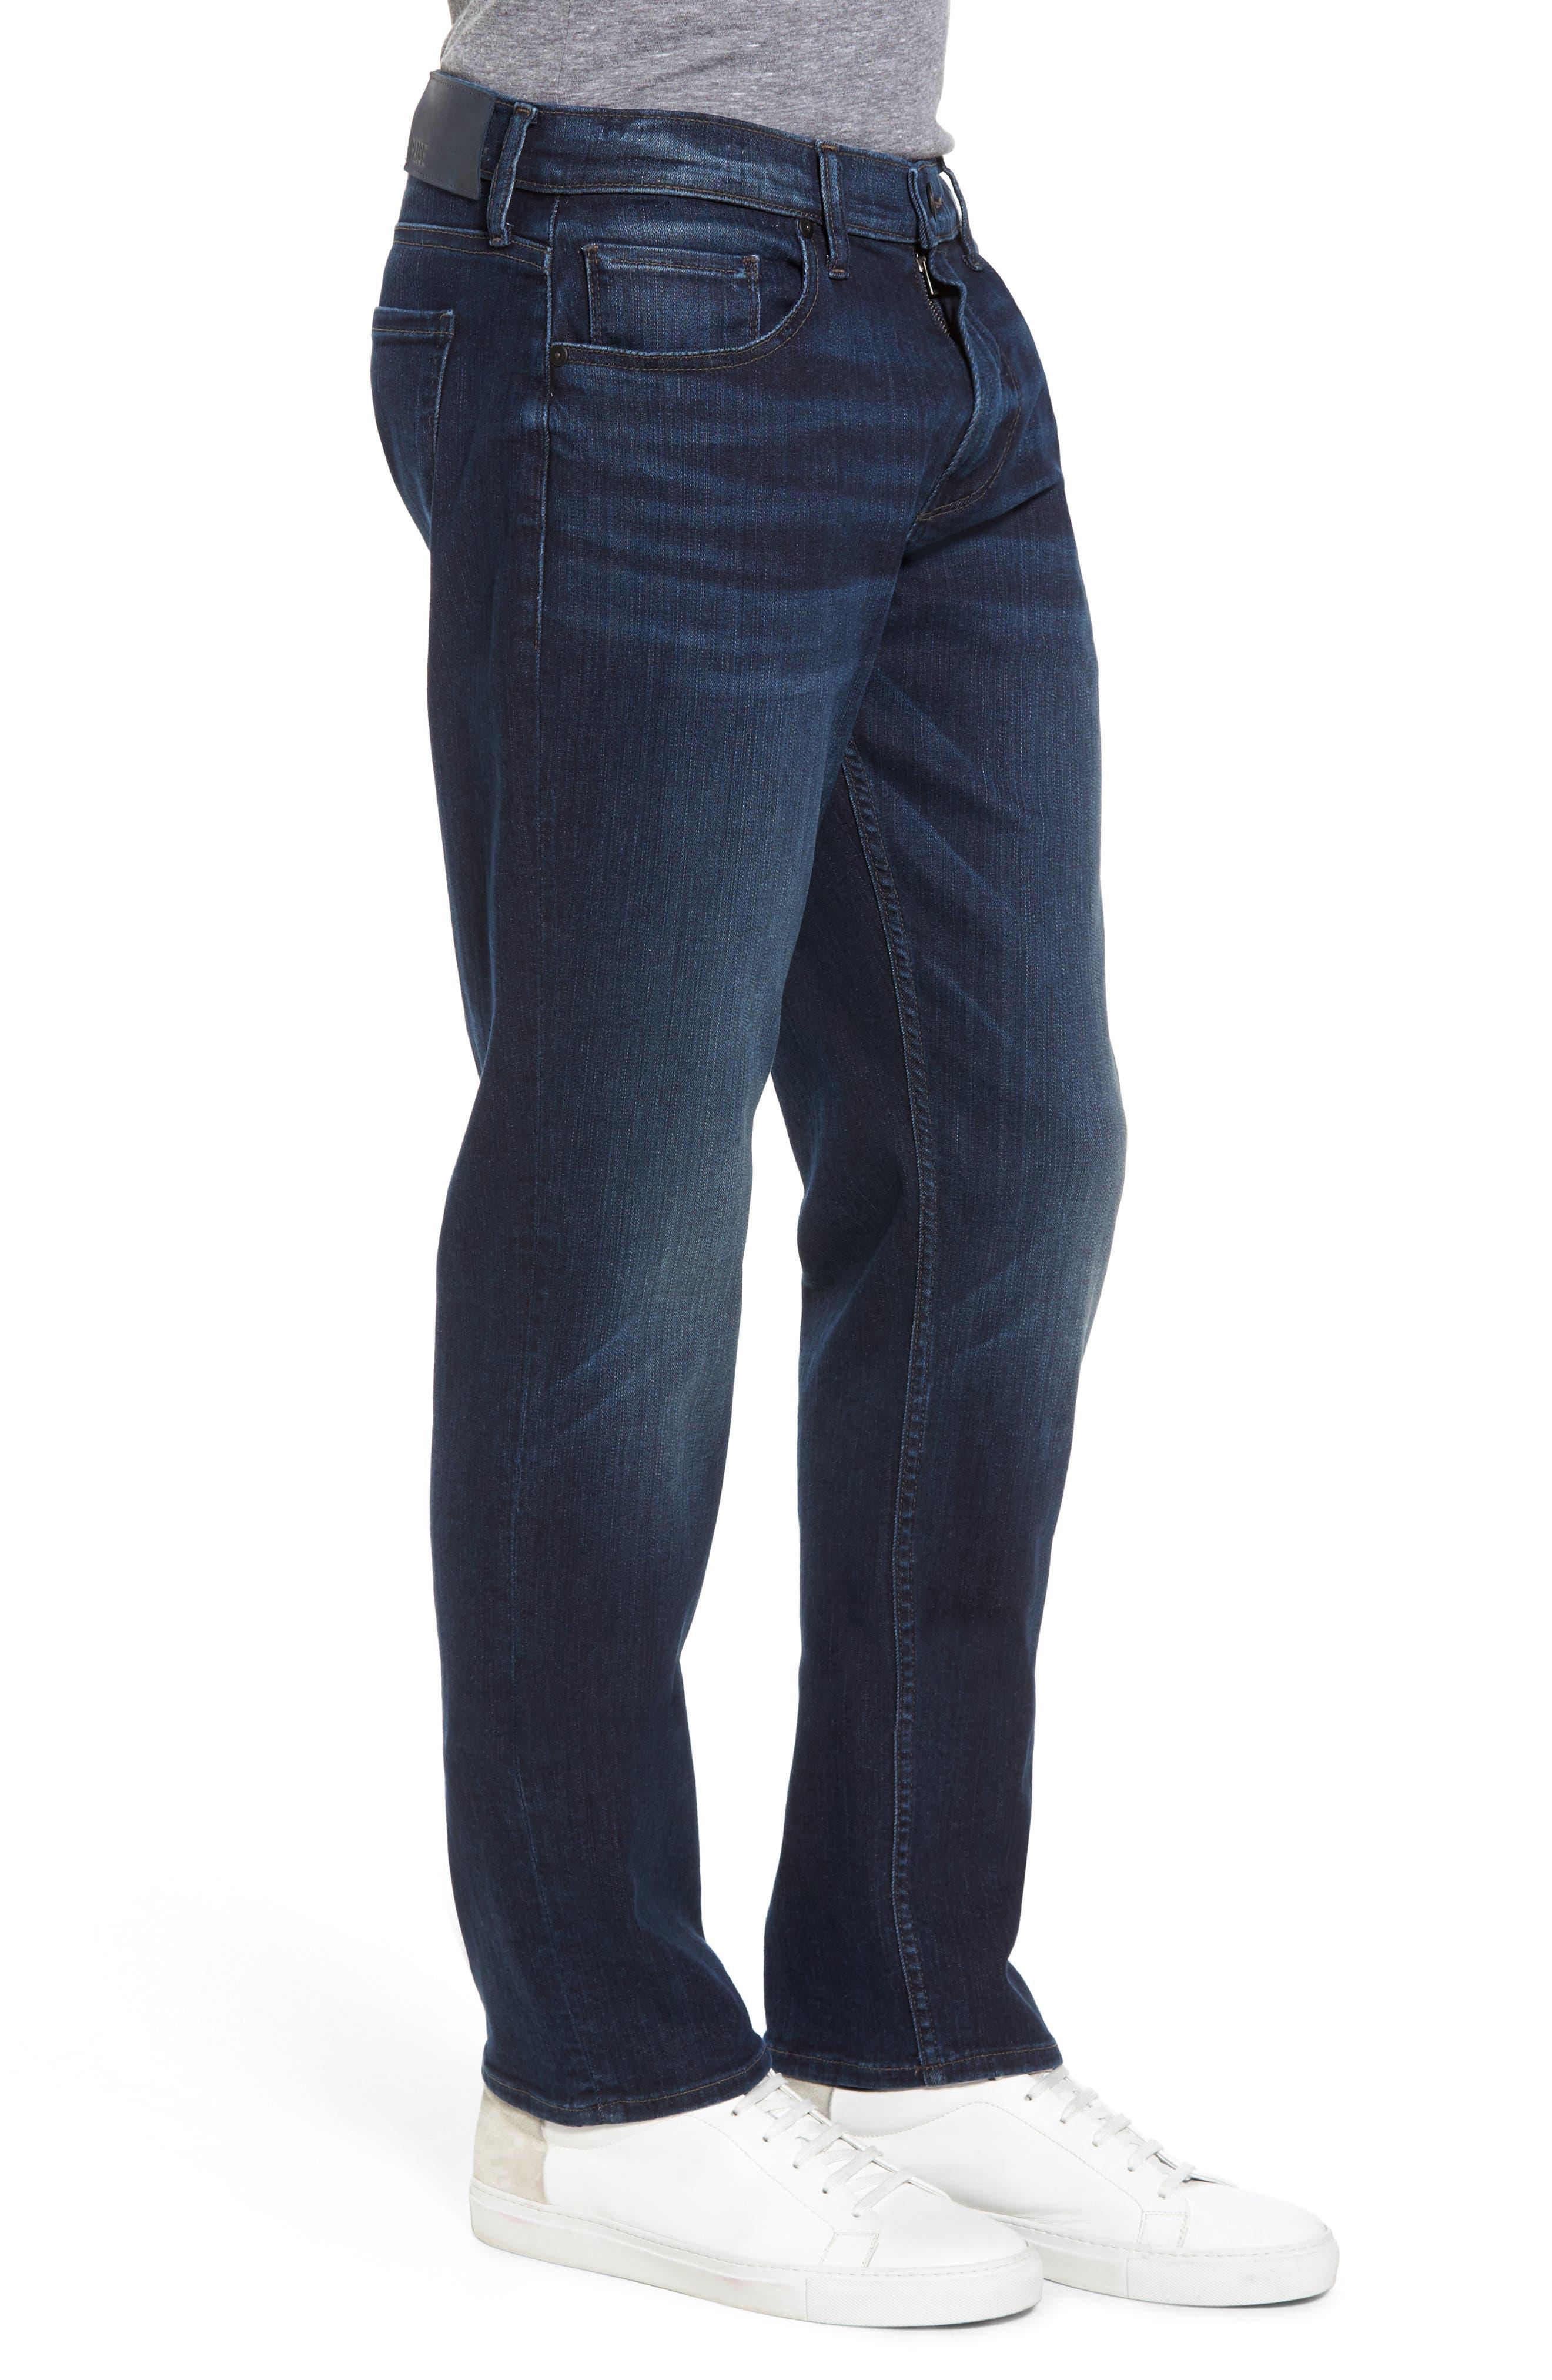 Transcend - Federal Slim Straight Leg Jeans,                             Alternate thumbnail 3, color,                             Graham